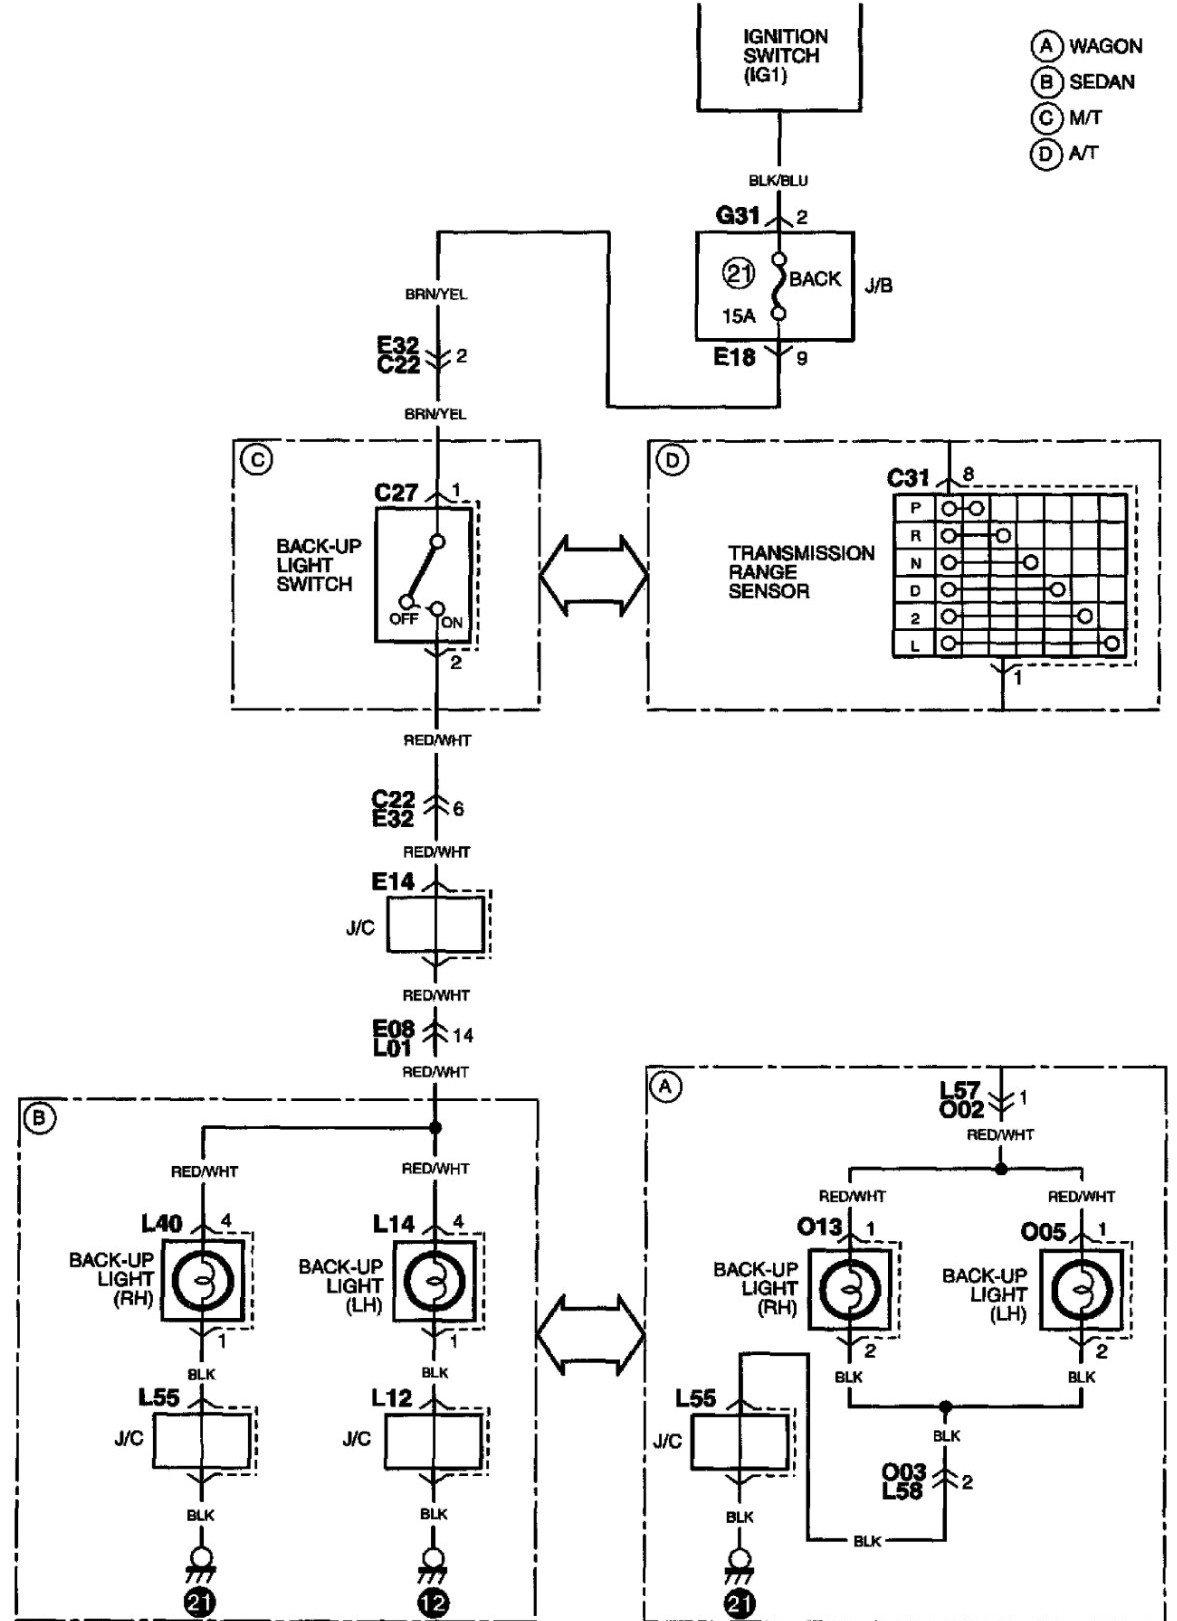 suzuki esteem fuse box diagram ly 9899  diagram suzuki esteem baleno wiring diagram and  suzuki esteem baleno wiring diagram